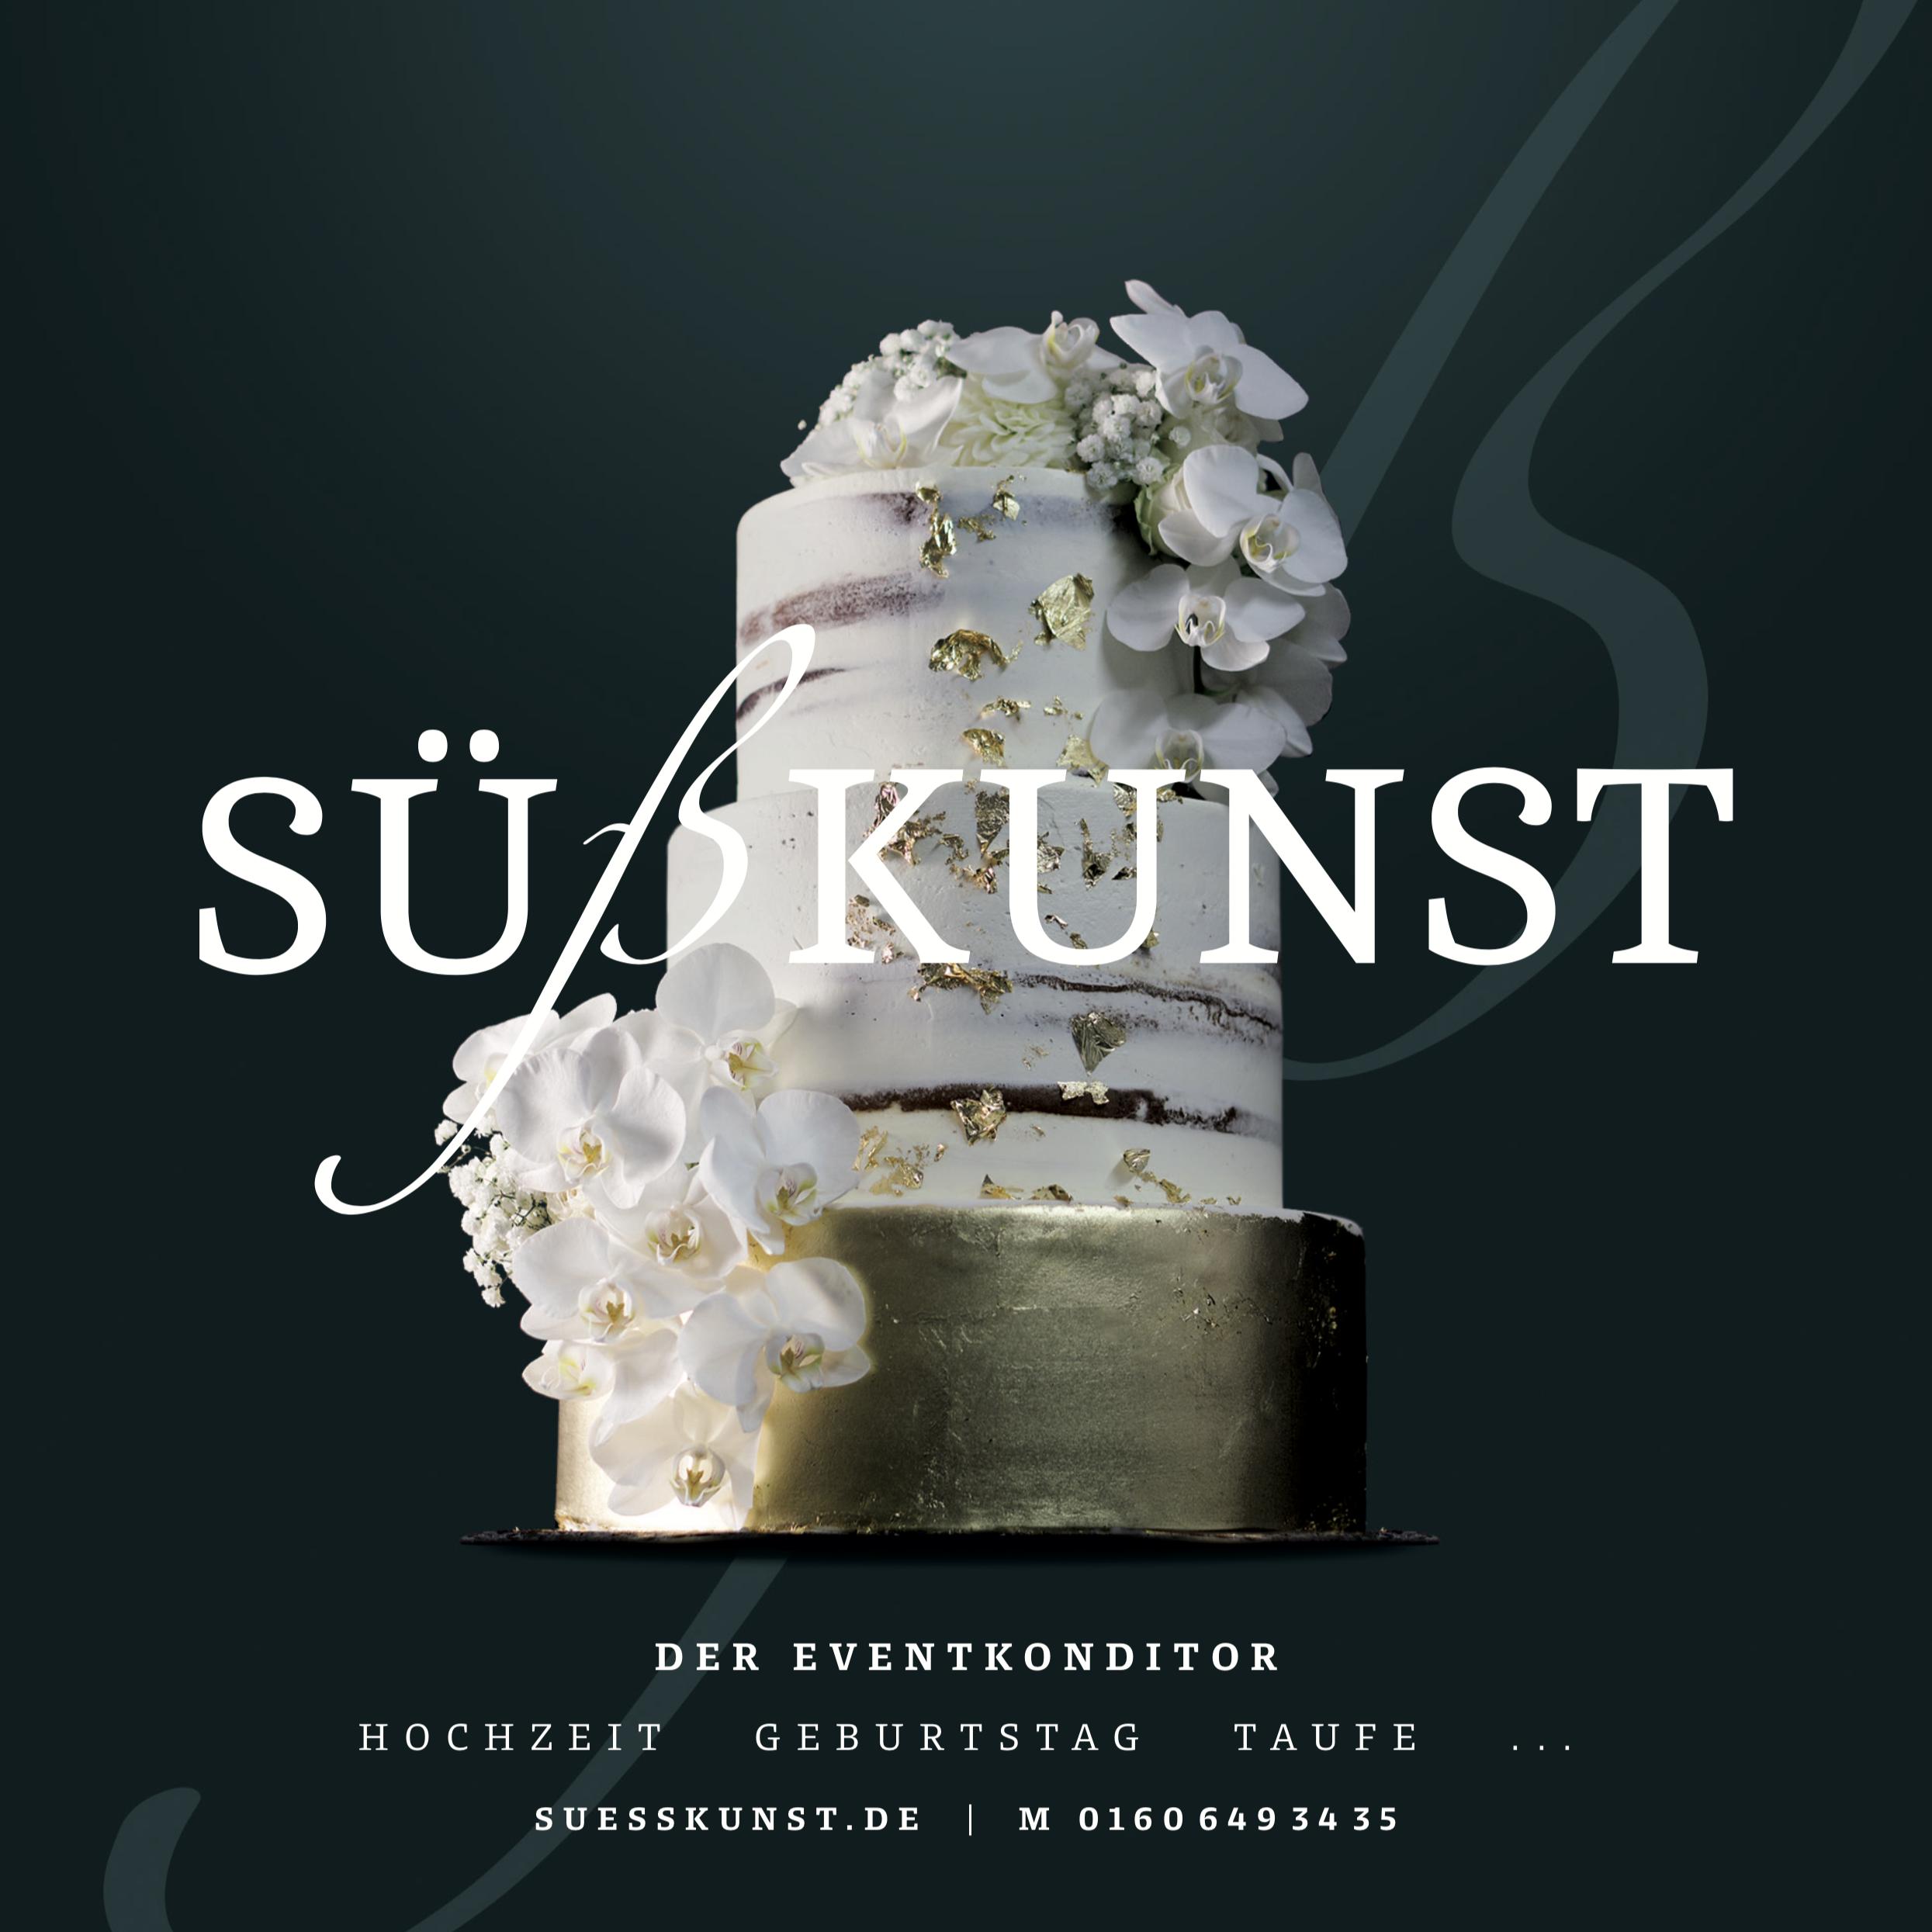 Ihr Konditor Fur Torten Speziell Hochzeitstorten Raum Aschaffenburg